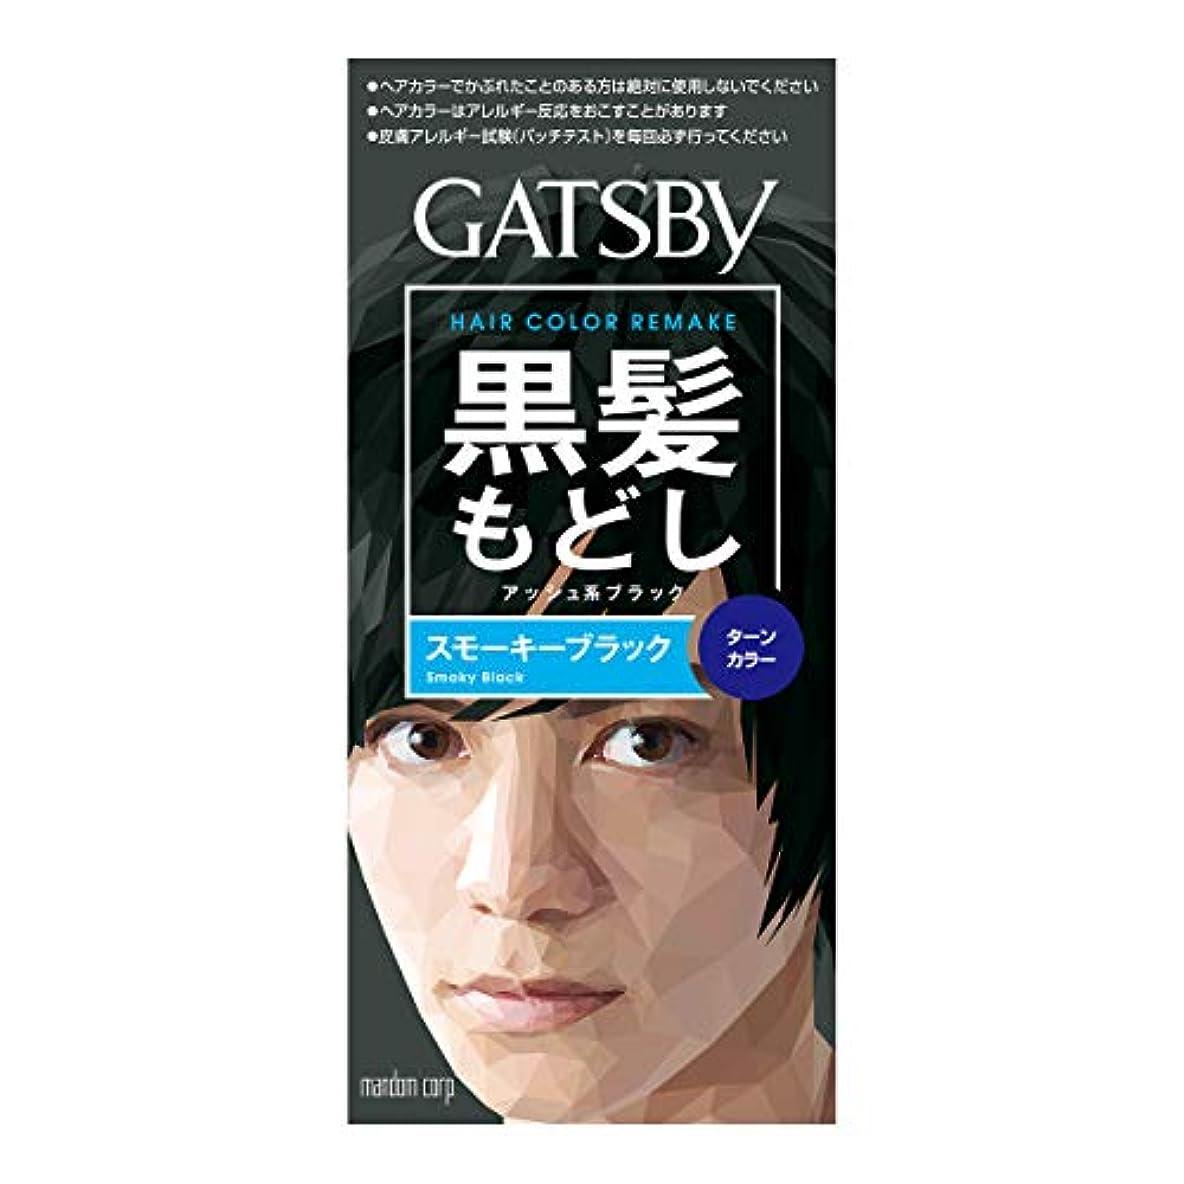 ギャツビー ターンカラー スモーキーブラック【HTRC5.1】